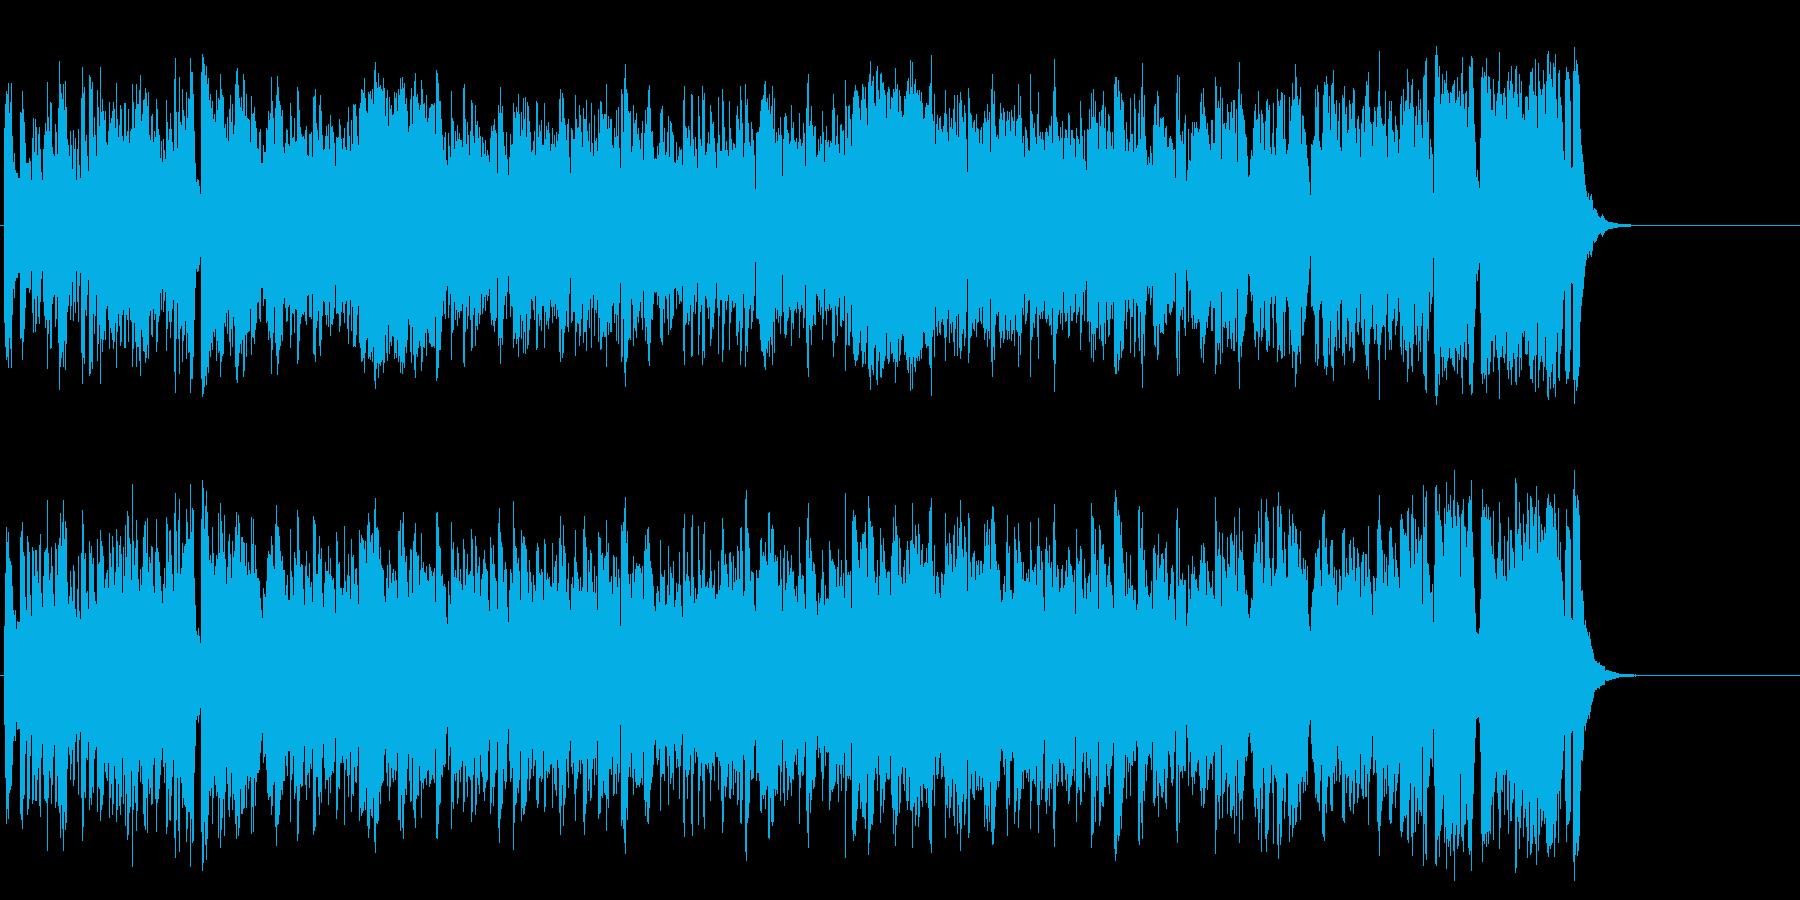 生き生きとしたダイナミック・ポップスの再生済みの波形